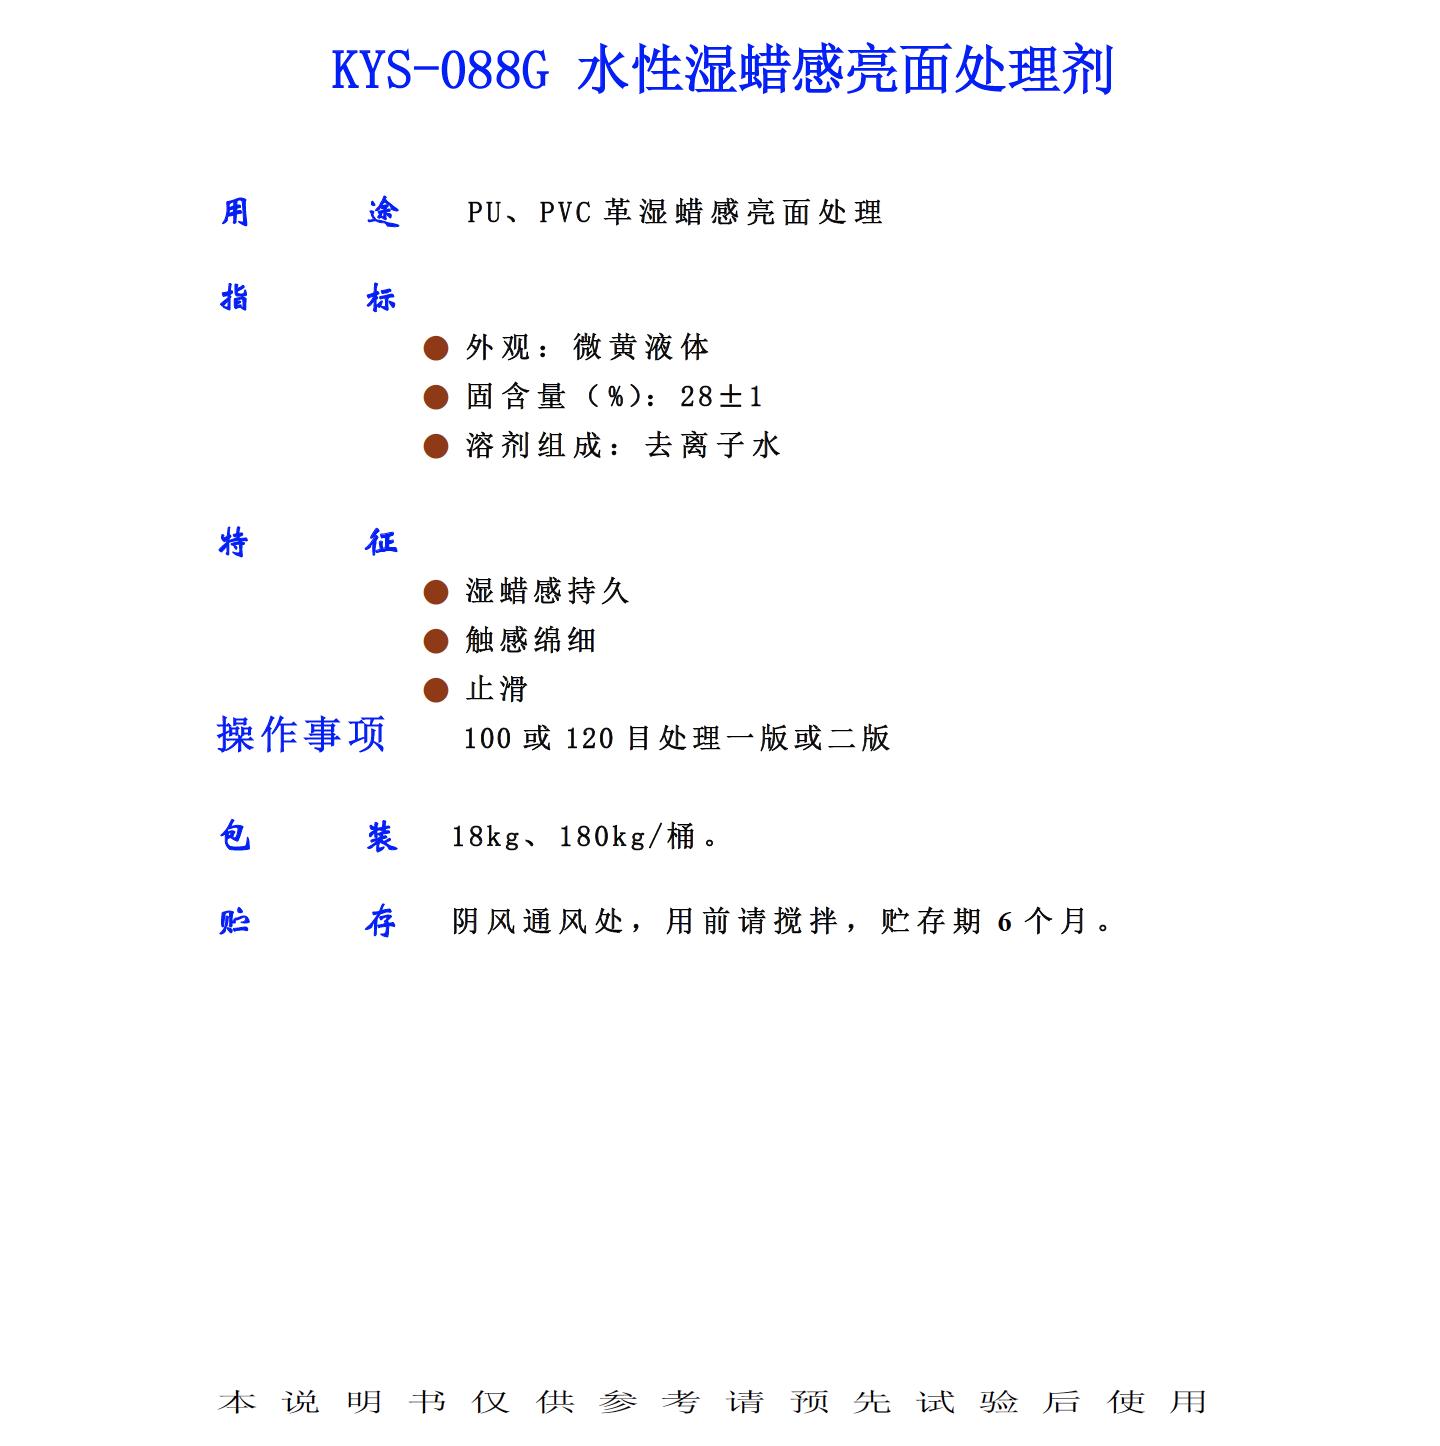 KYS 088G 水性湿蜡感亮面处理剂